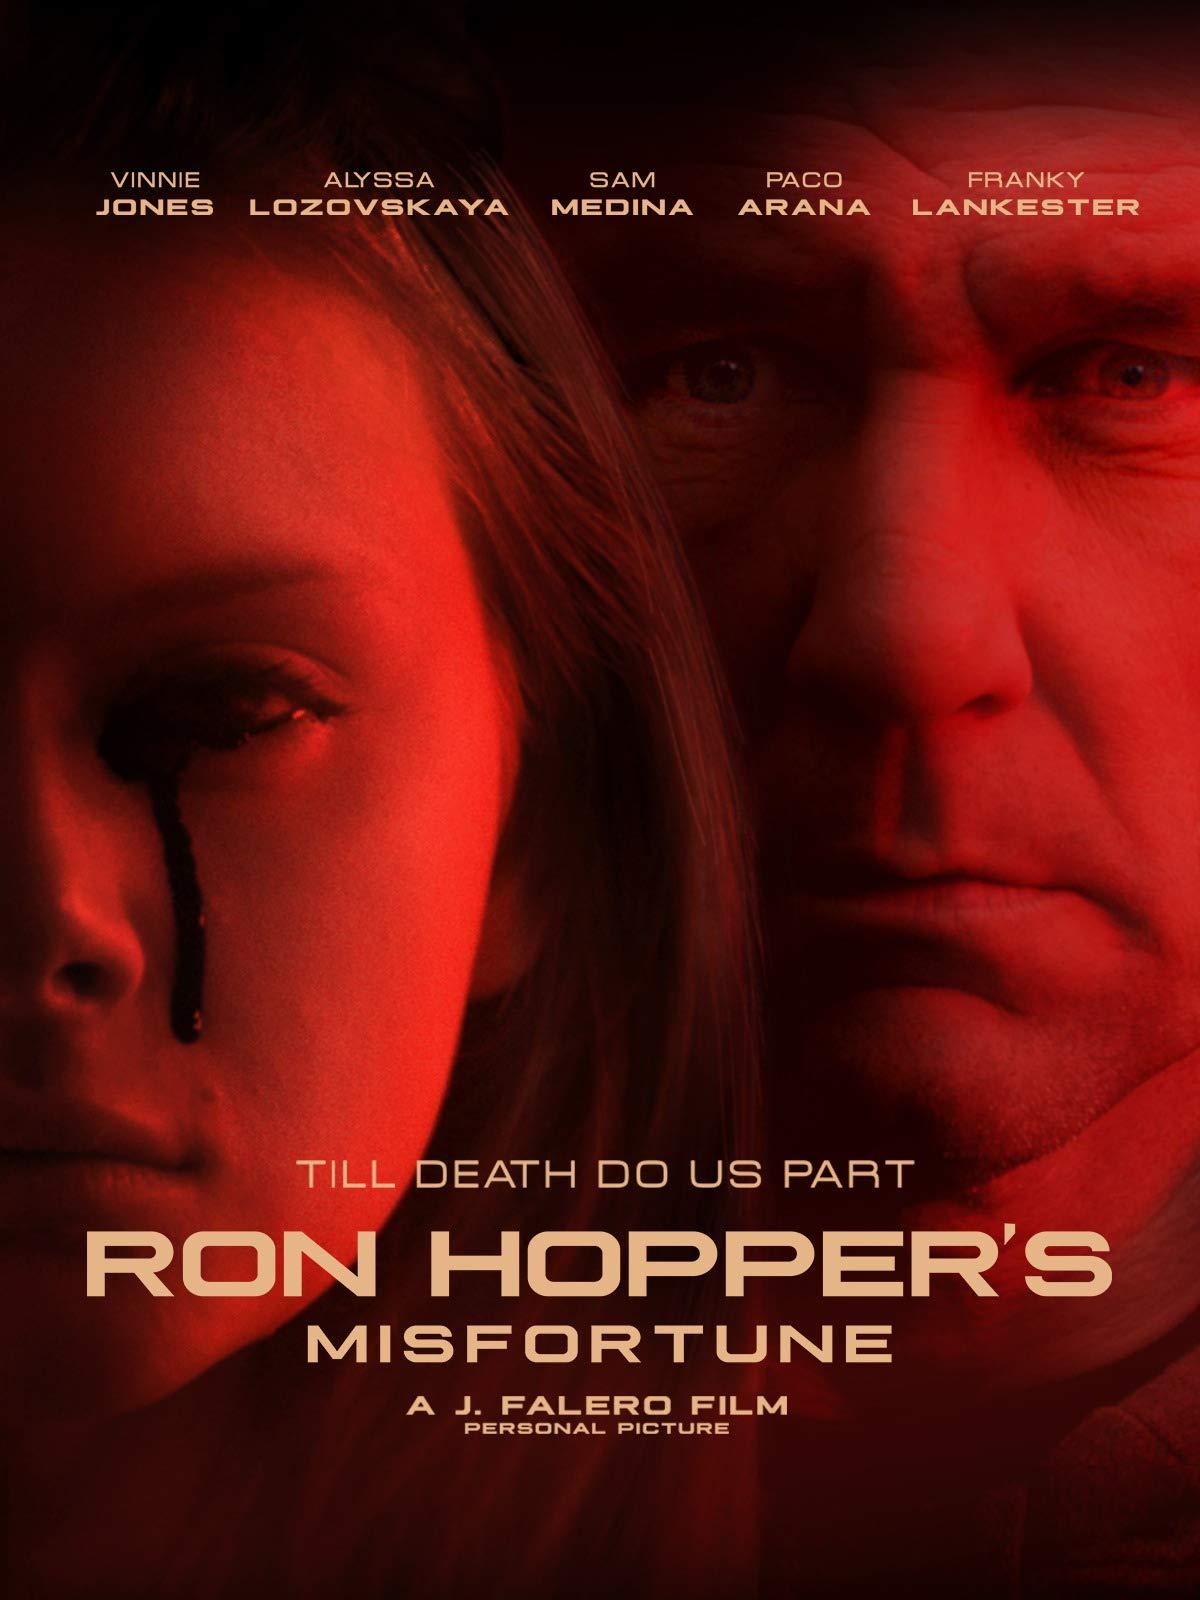 Ron Hopper's Misfortune